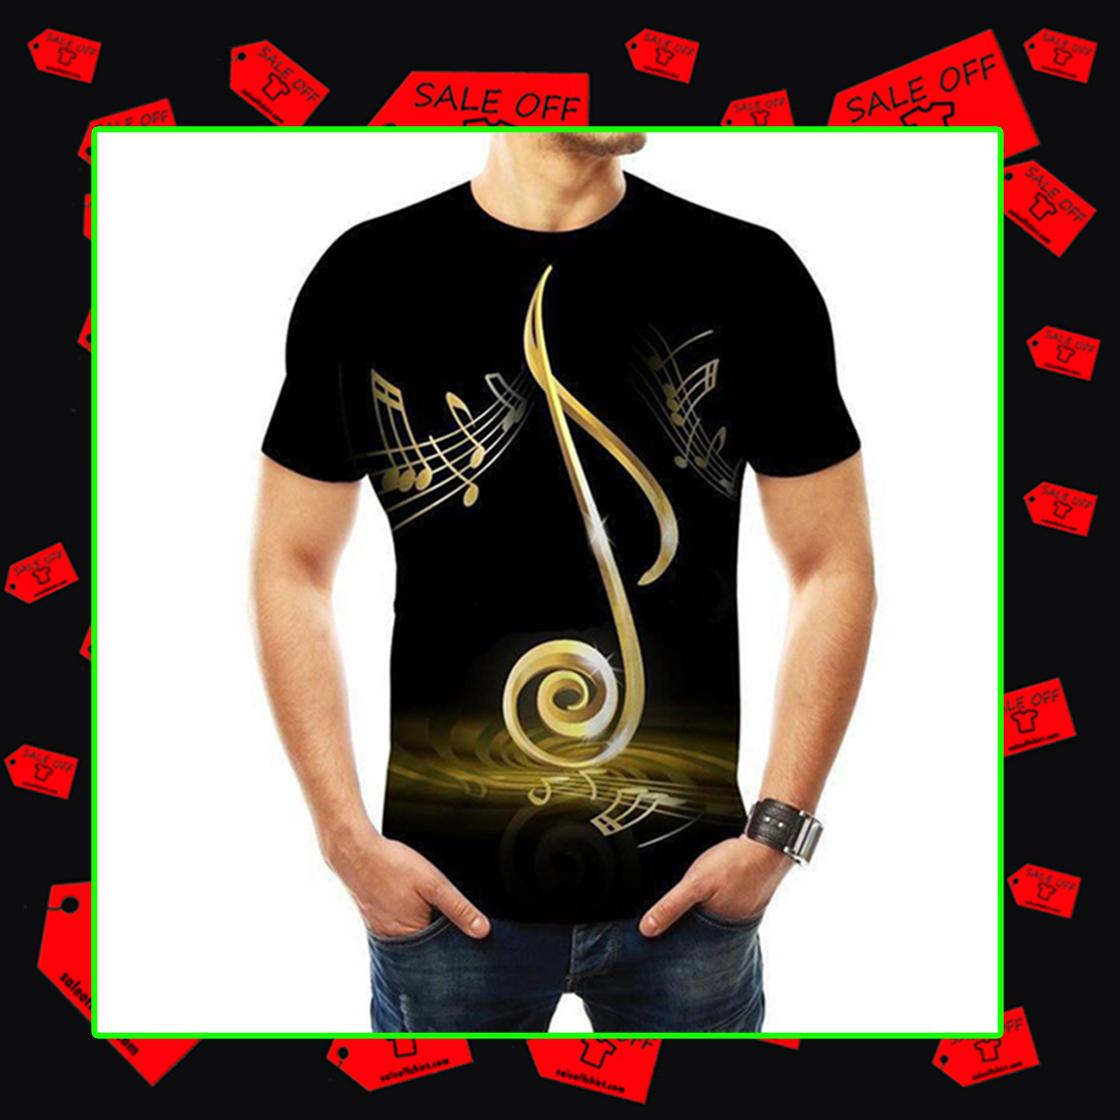 Music Notes T-shirt 3D